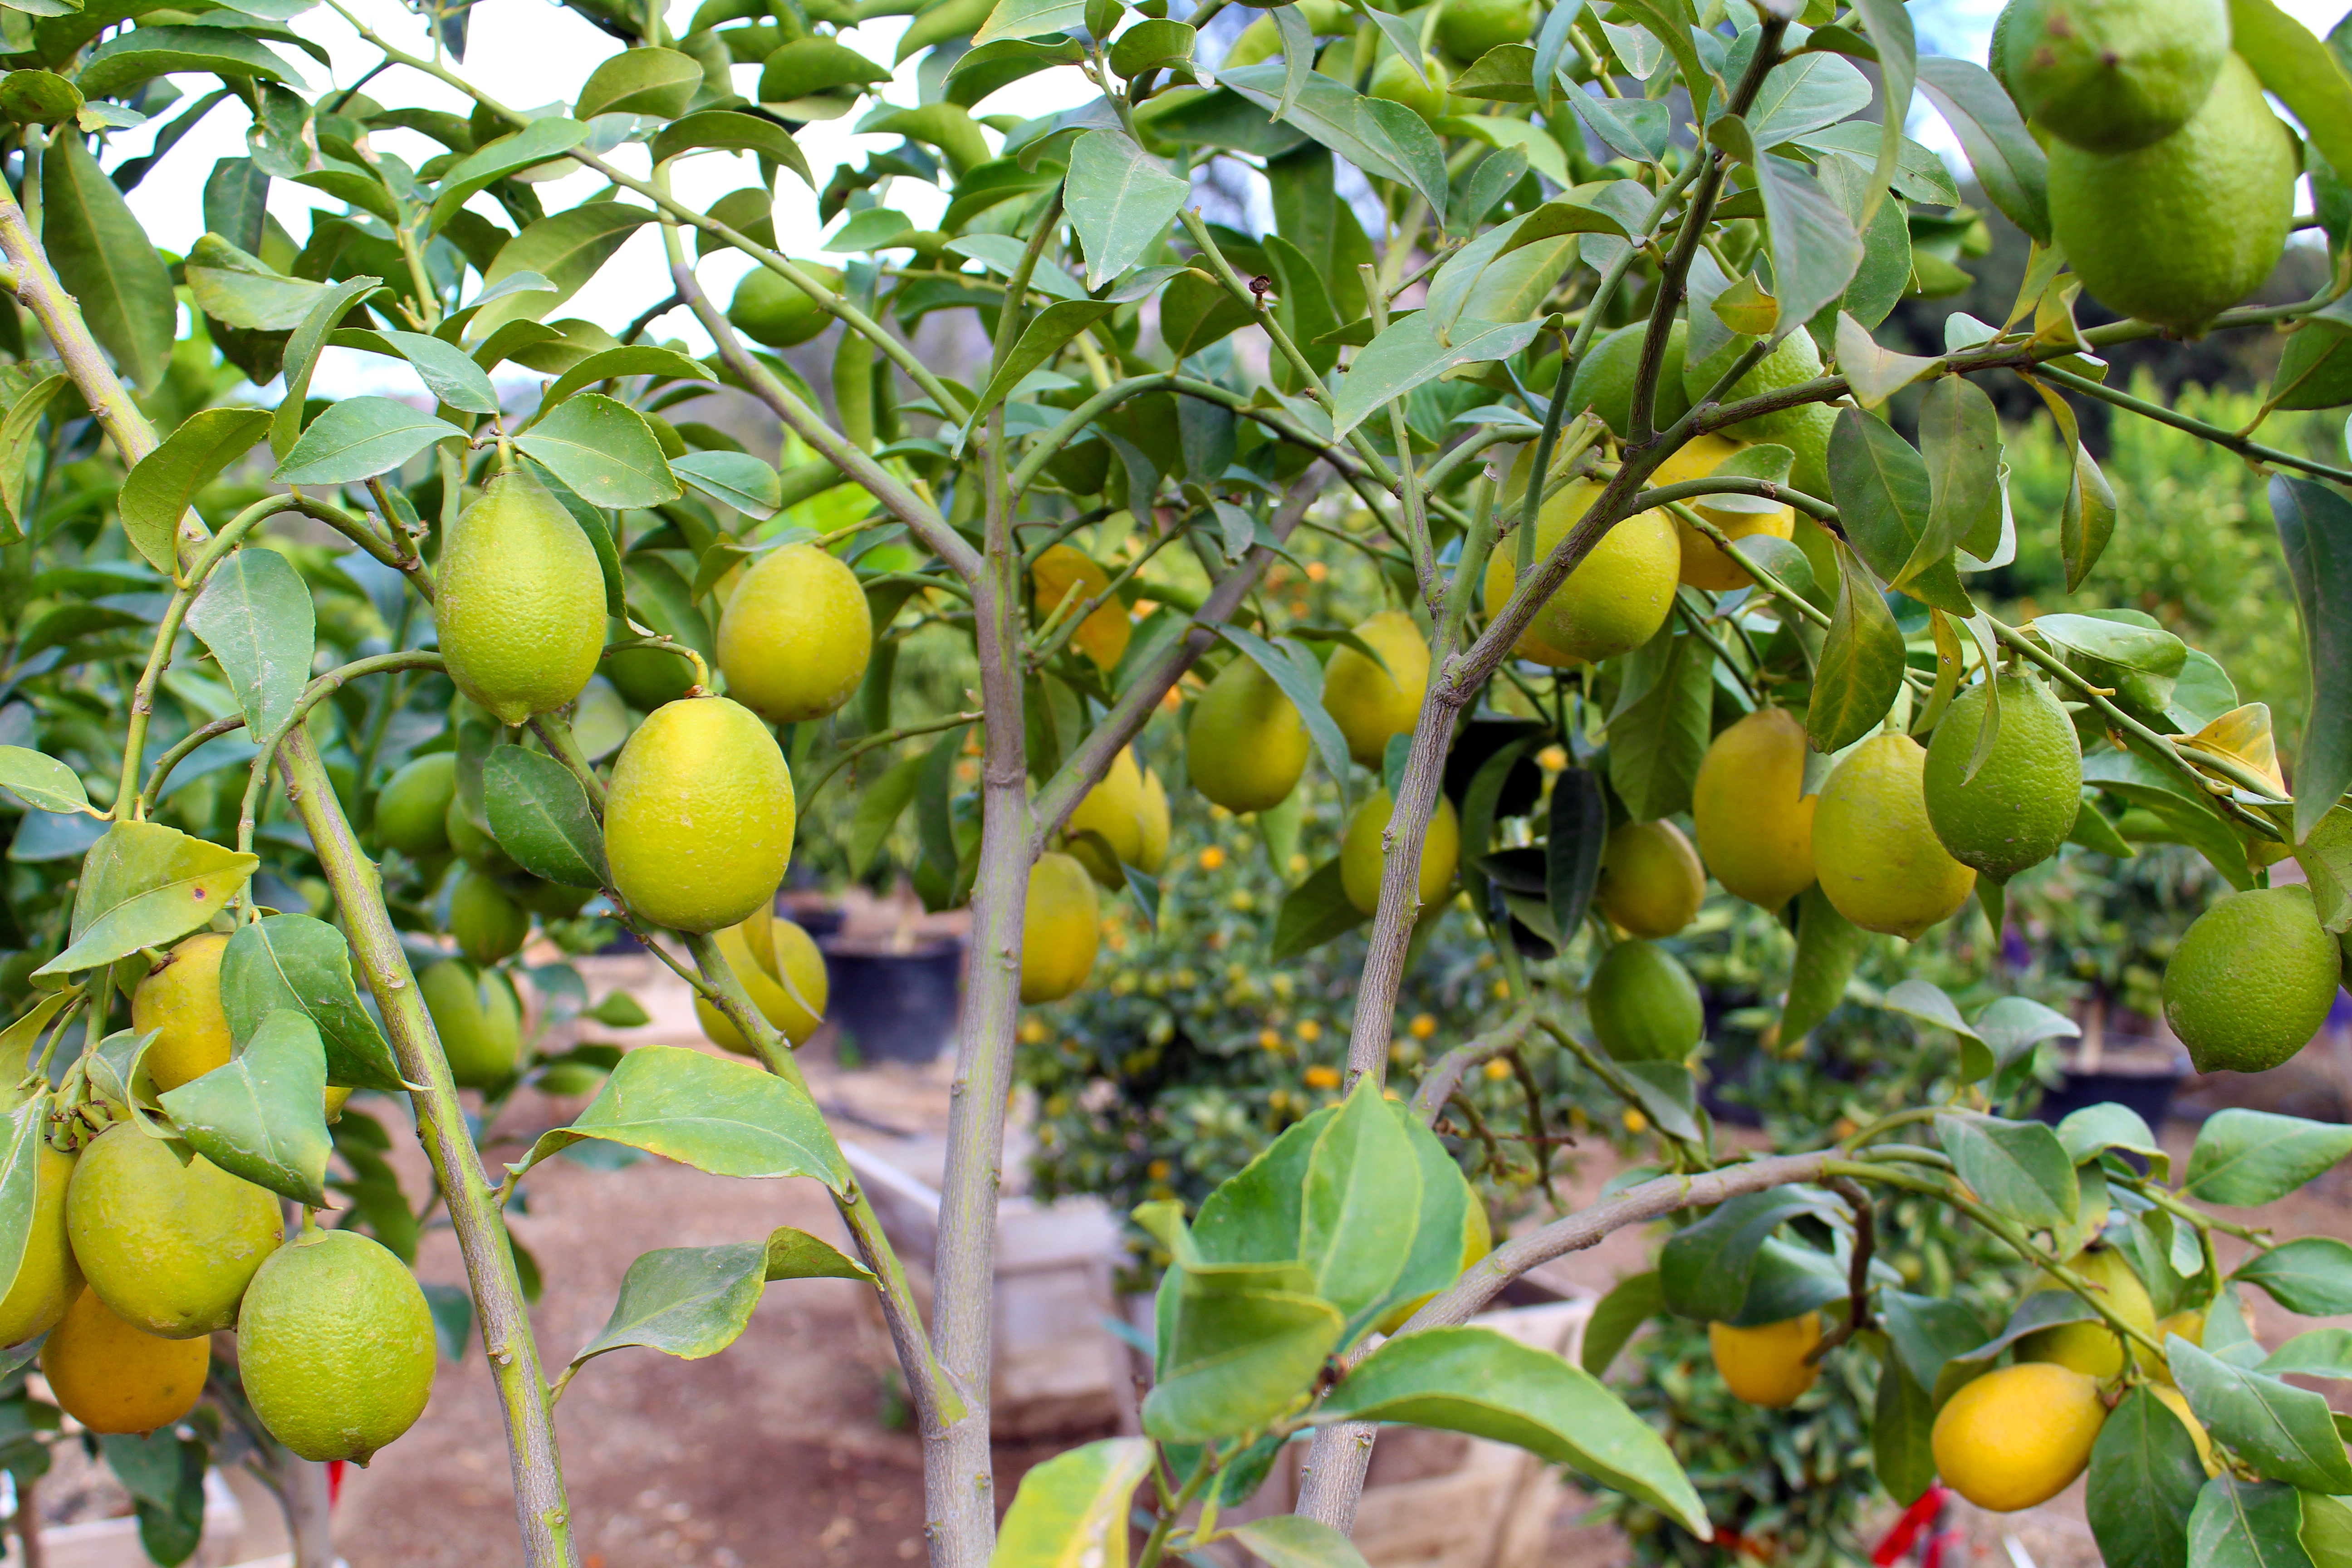 lemons_limes